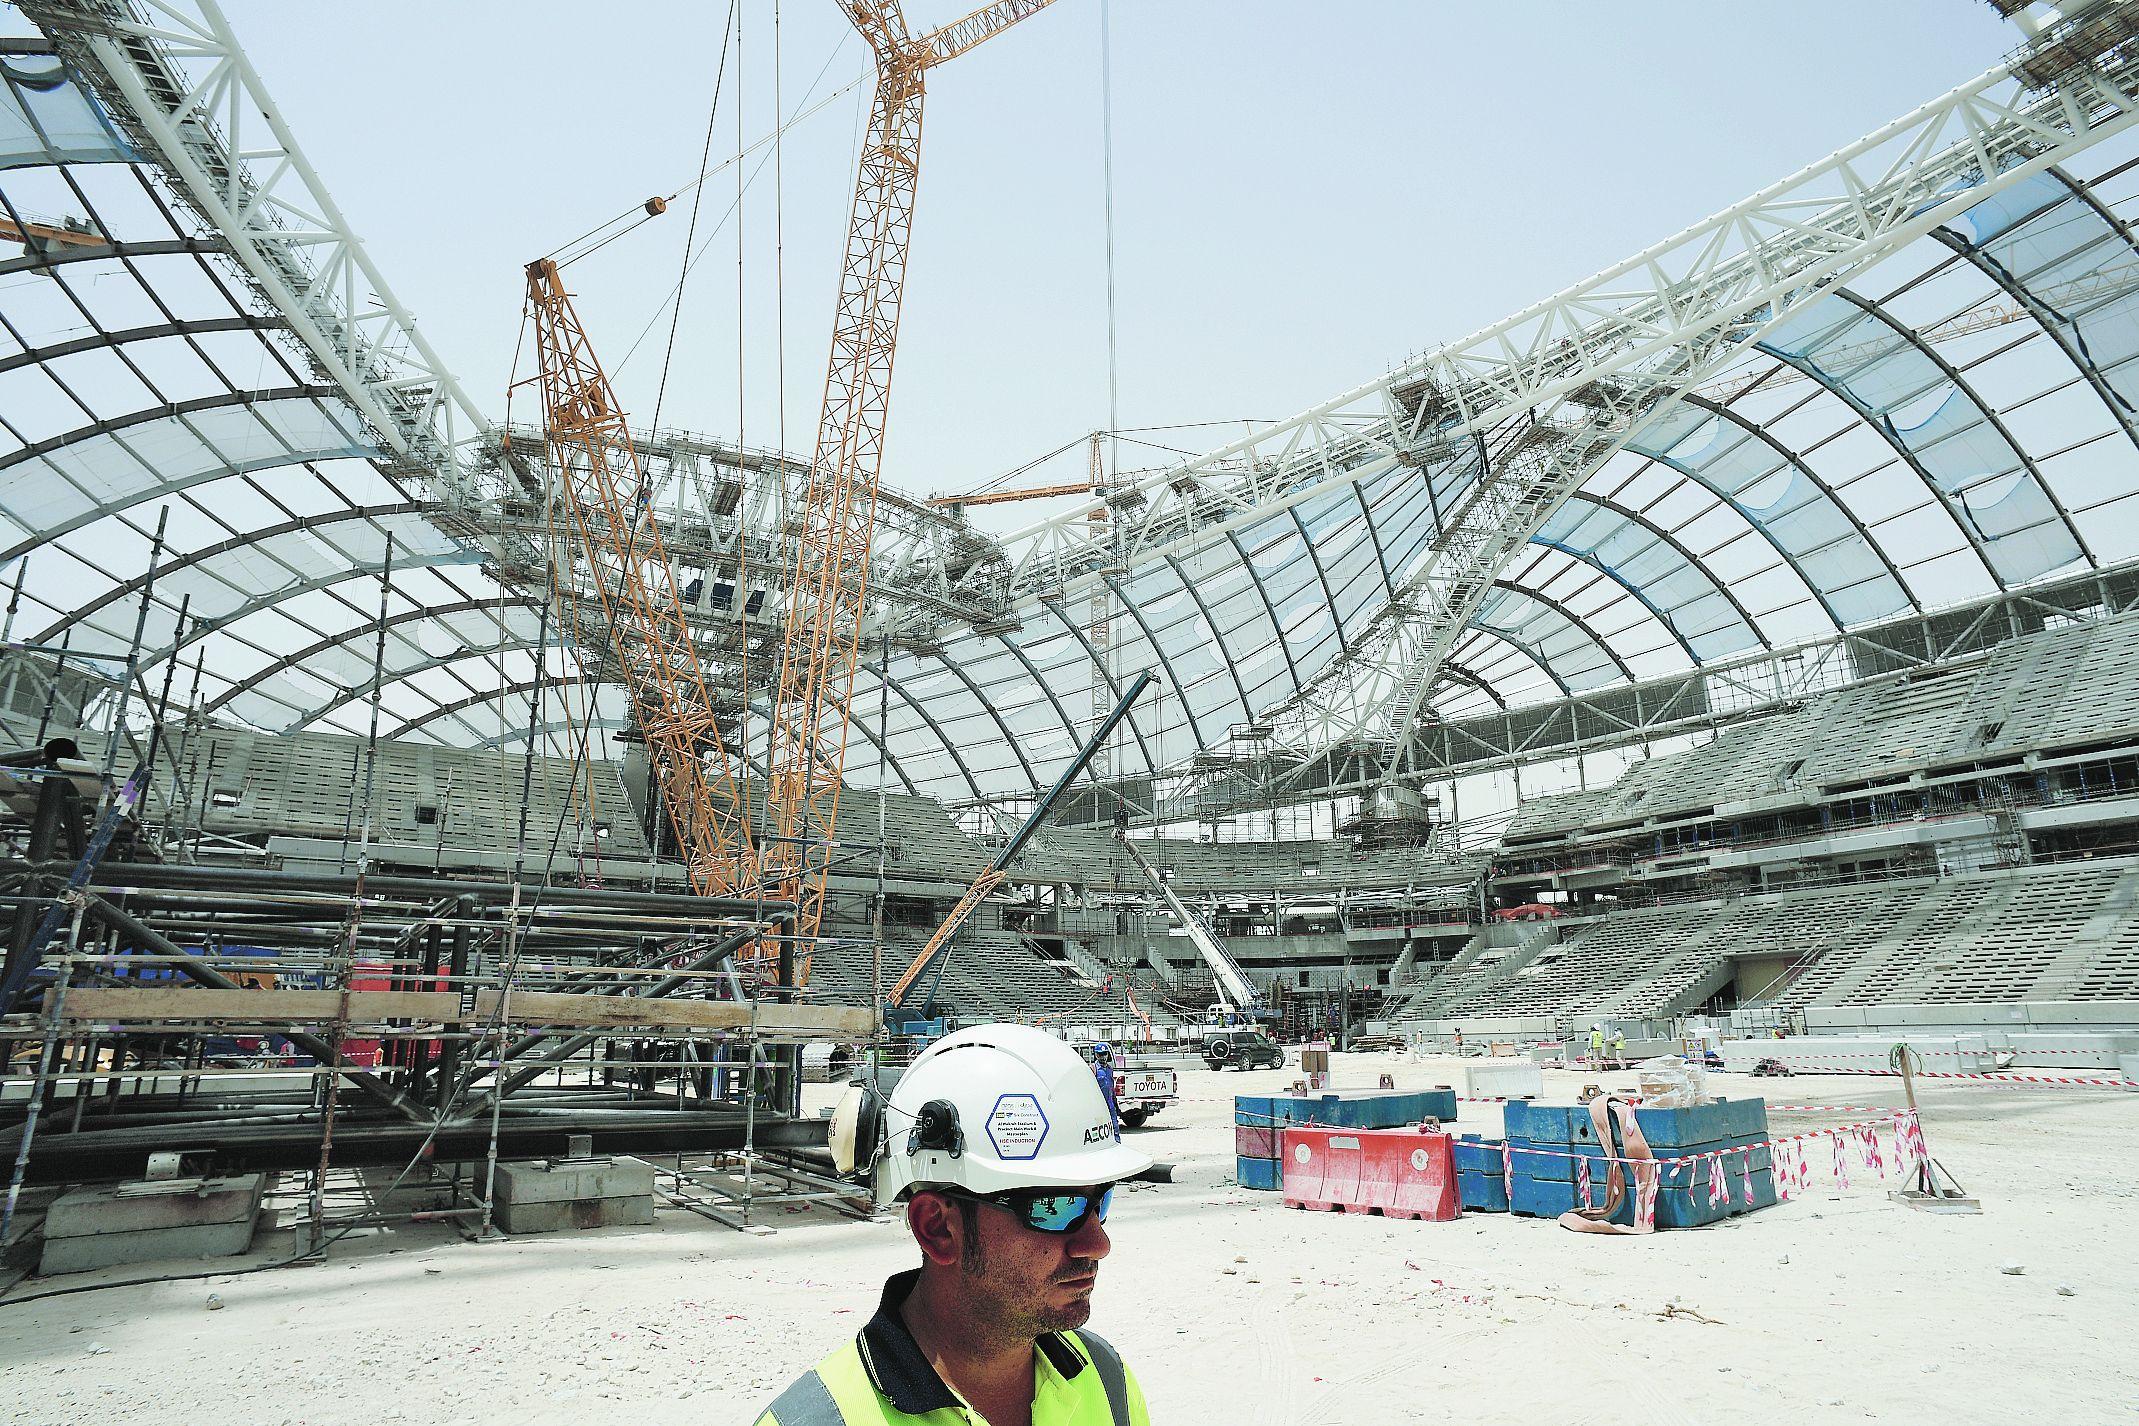 Coupe du monde en 2022 le qatar dans les temps pour son mondial en plein d sert coupe du - Qatar football coupe du monde ...